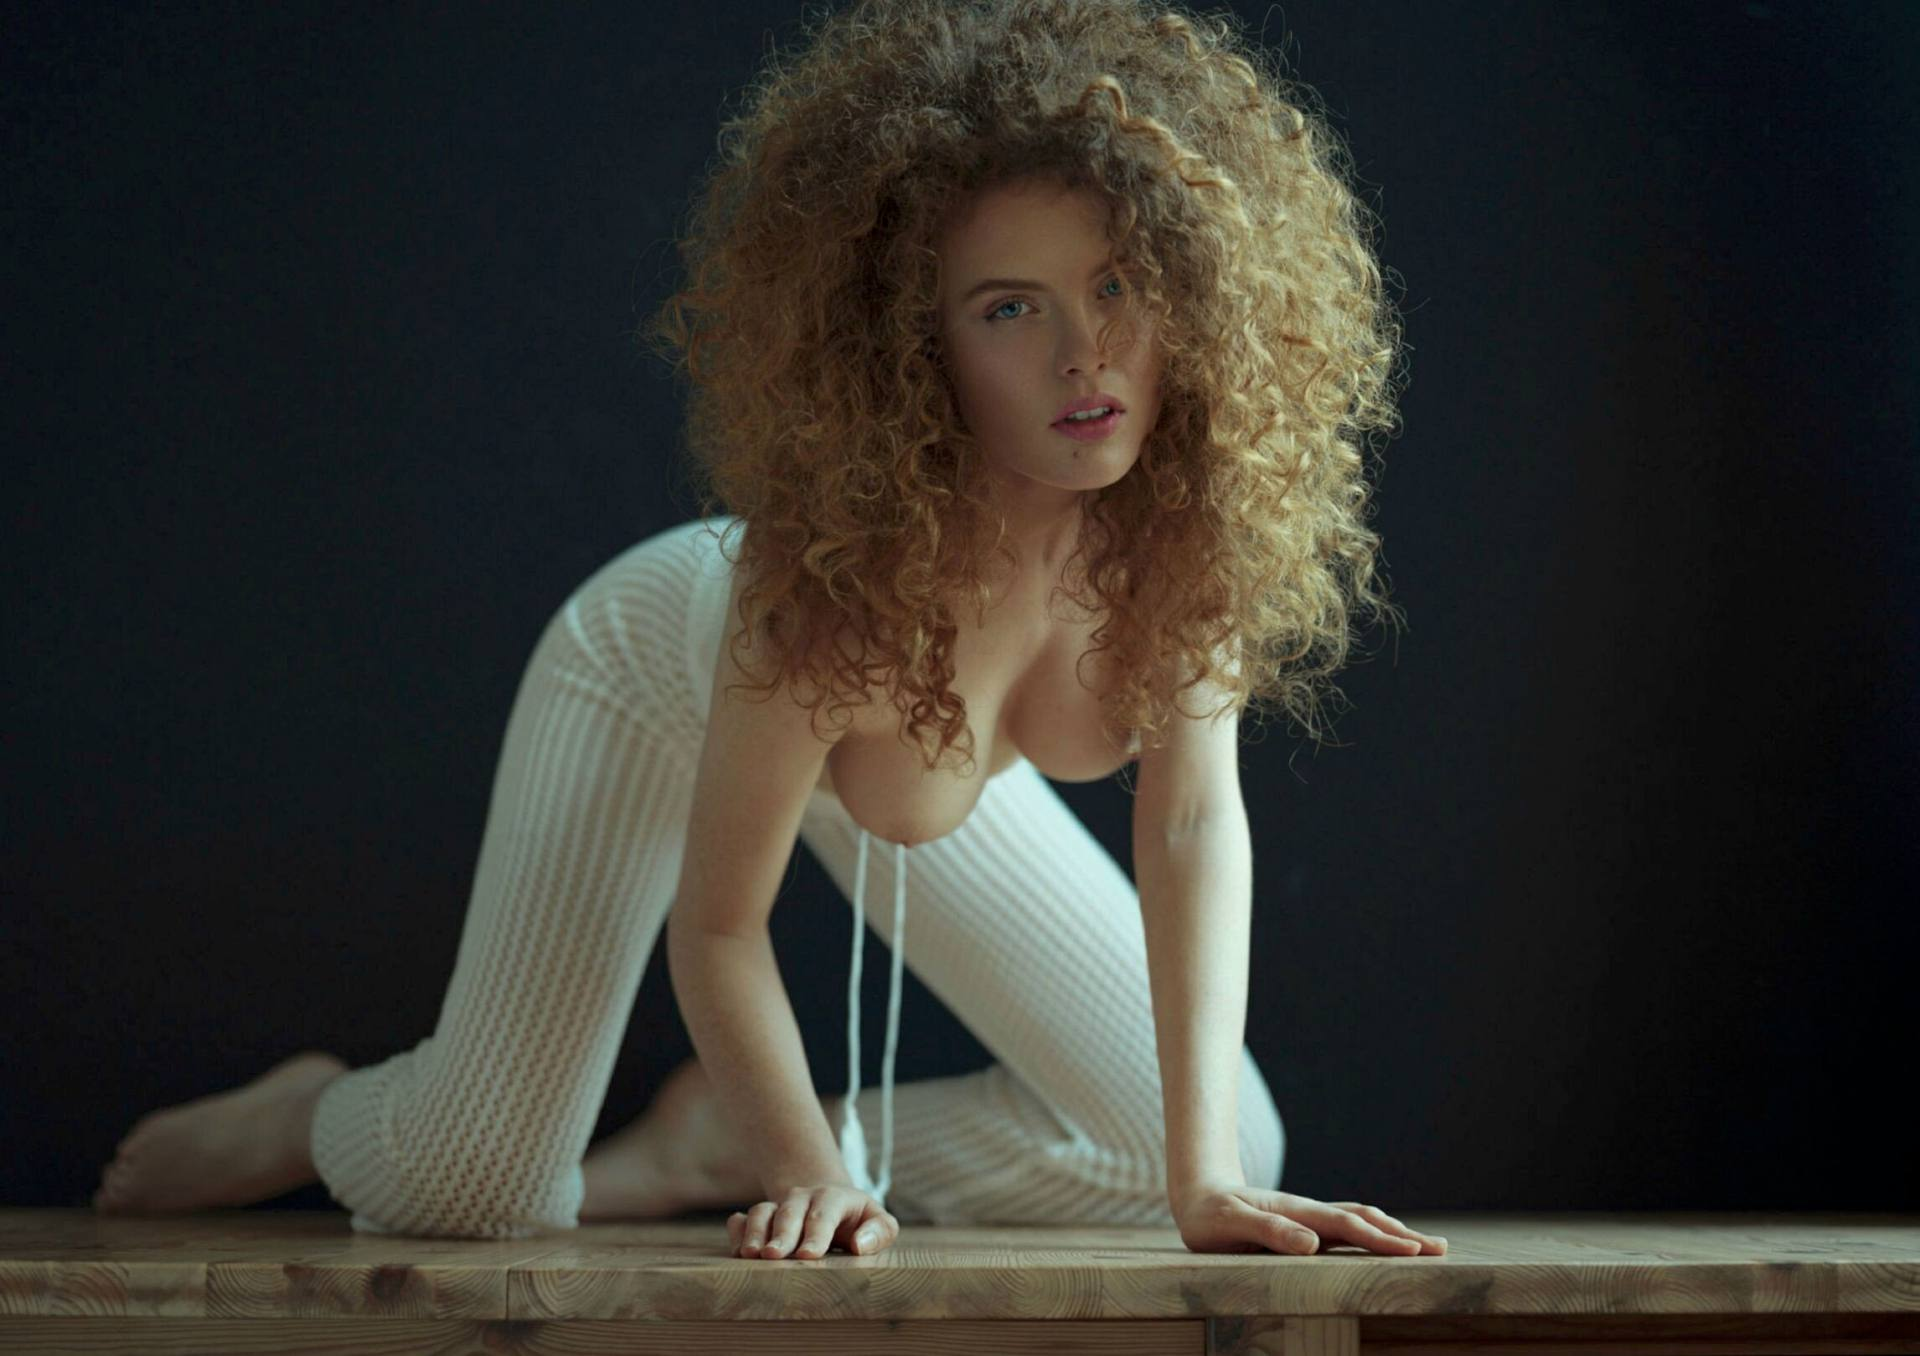 Magdalena Szczepanska Topless